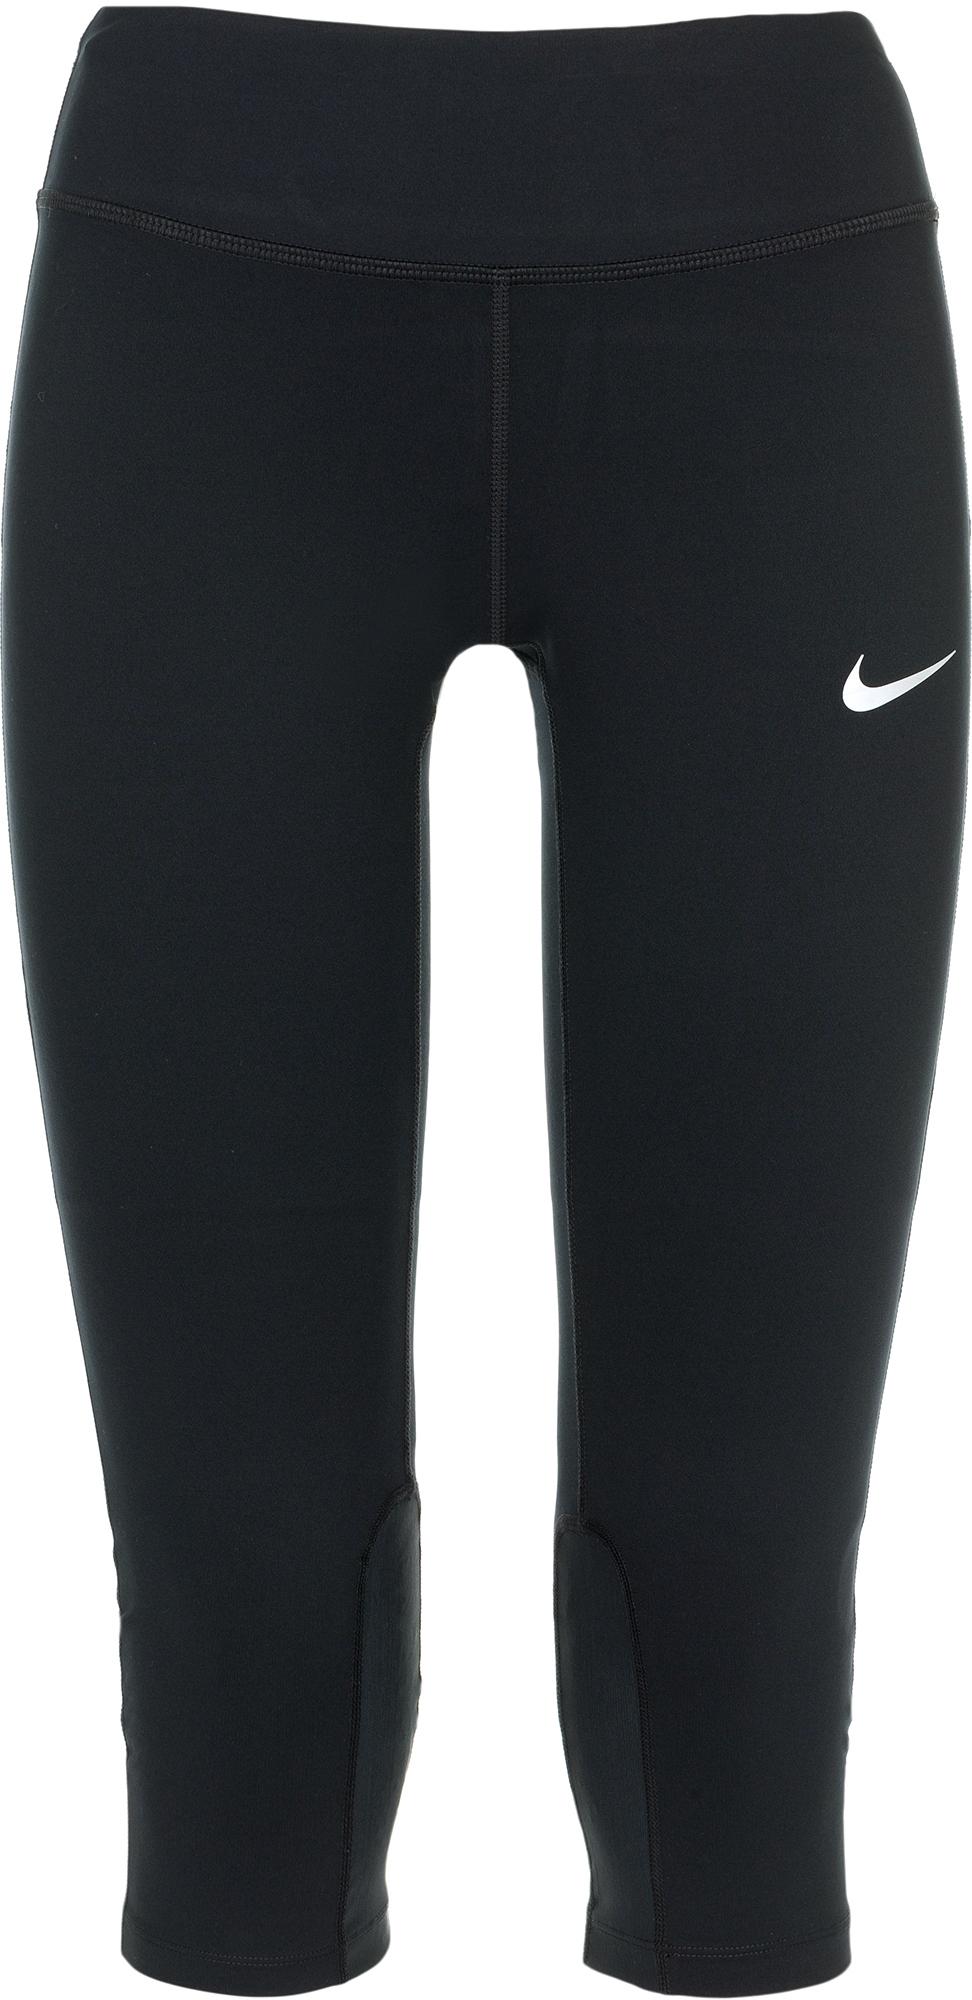 Nike Бриджи женские Nike Power Epic бриджи nike бриджи dri fit touch fleece 3 4 pants